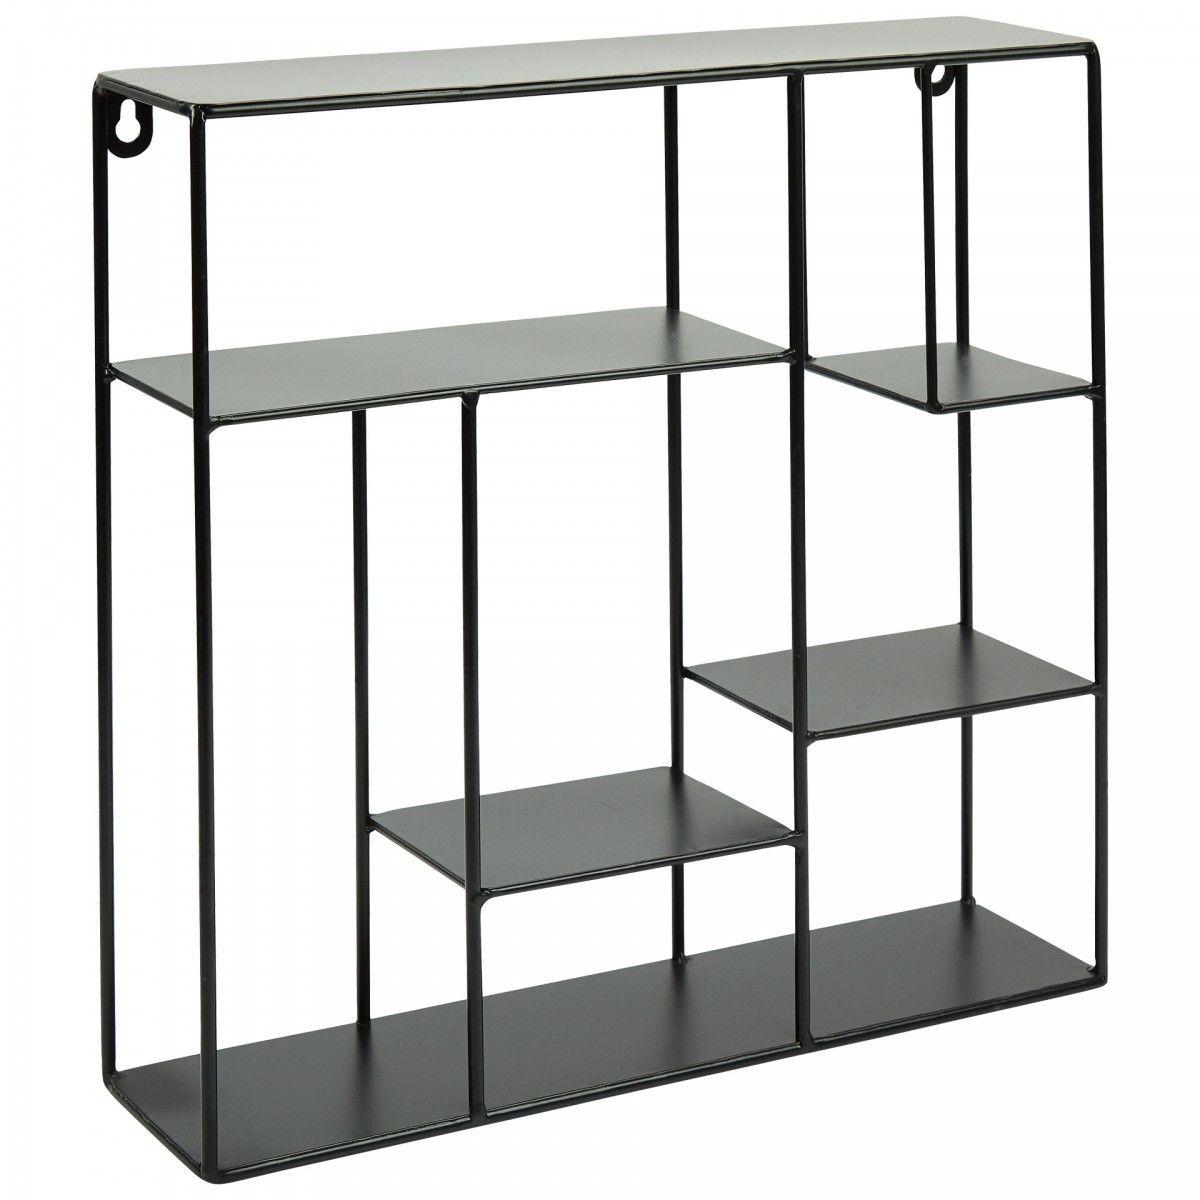 Metallregal (17x17)  Regal, Wandregal wohnzimmer, Metall